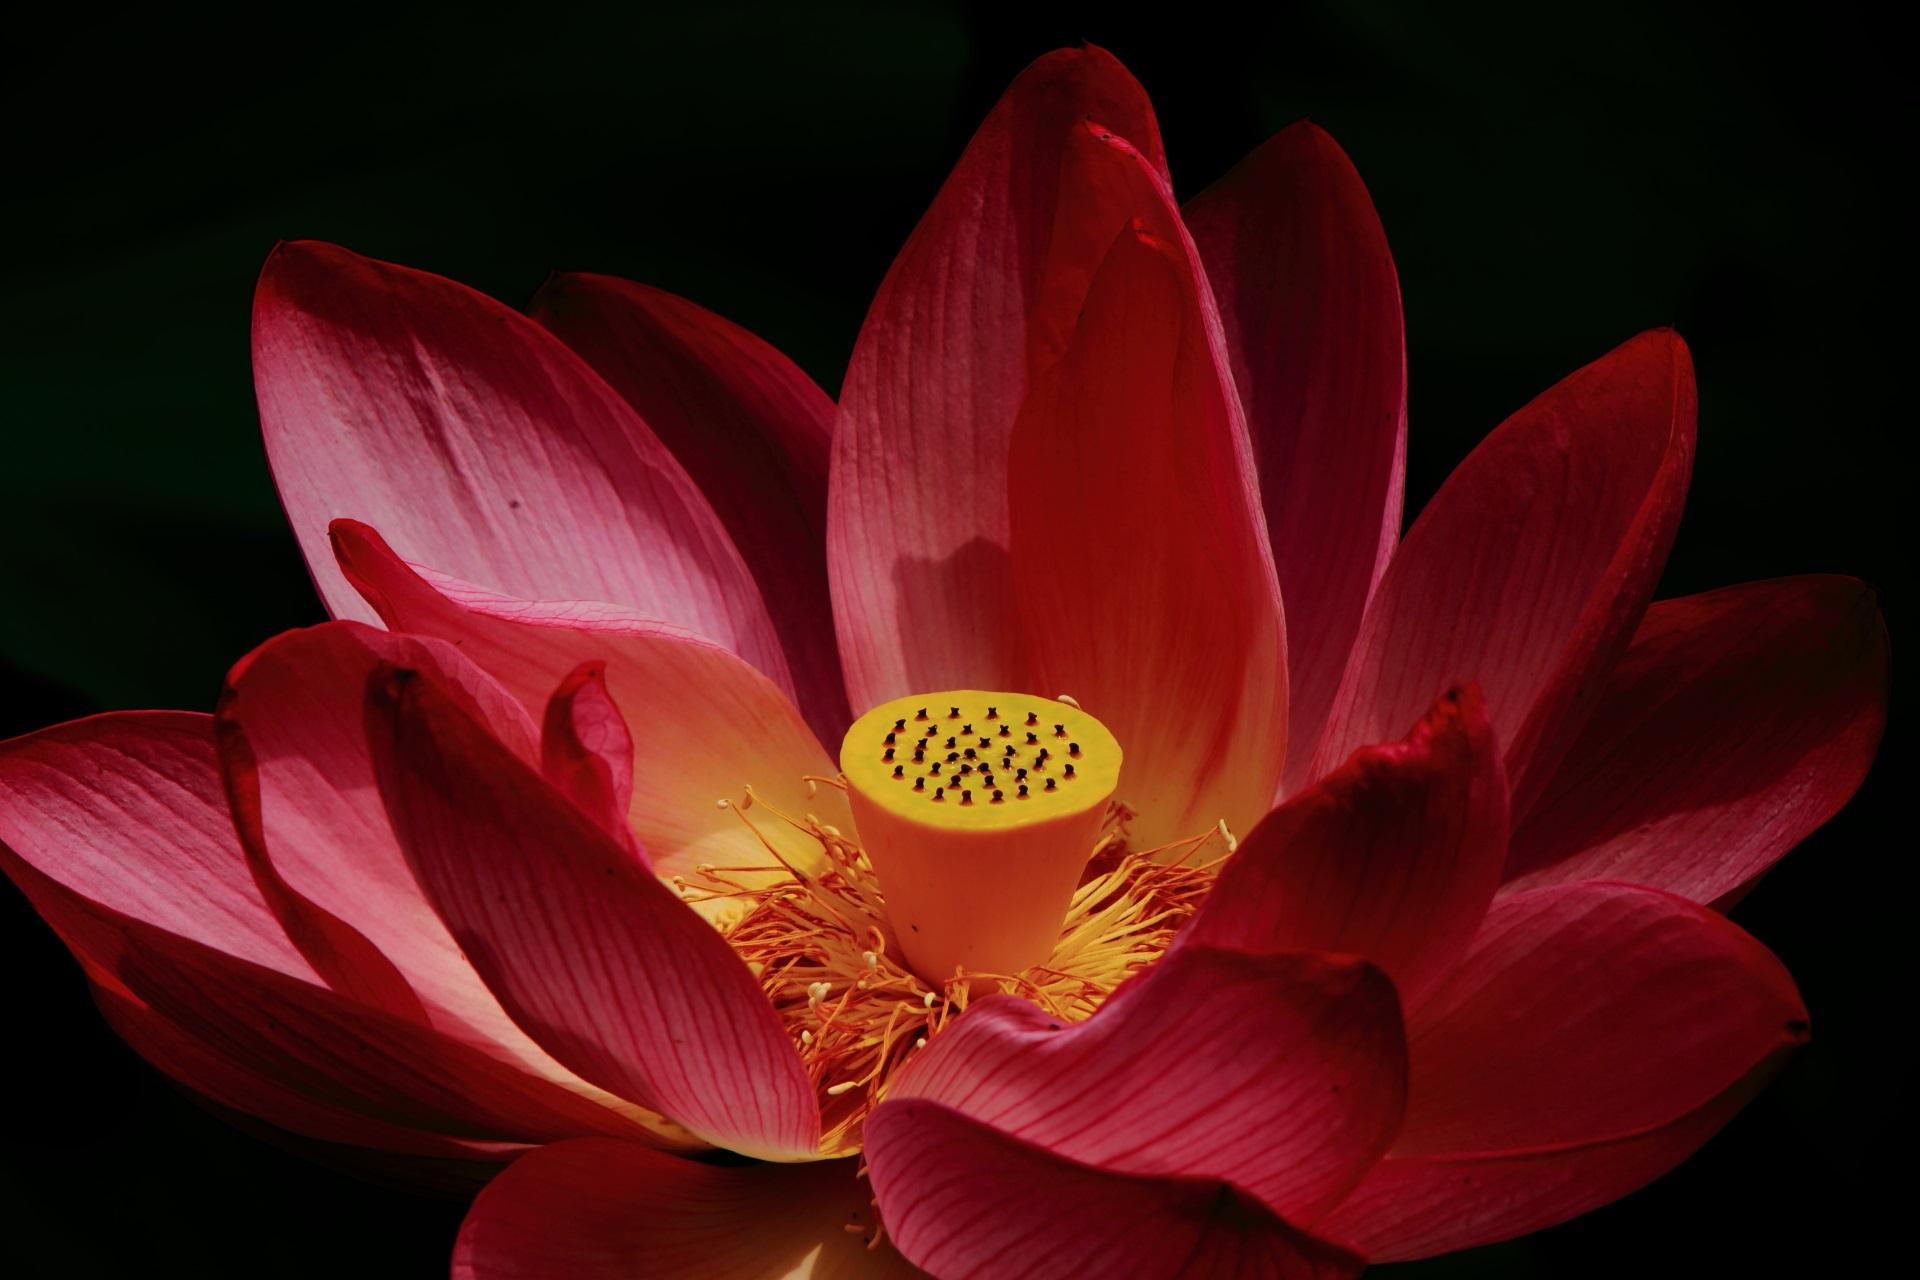 コントラスト強めの雰囲気が変わるハスの花